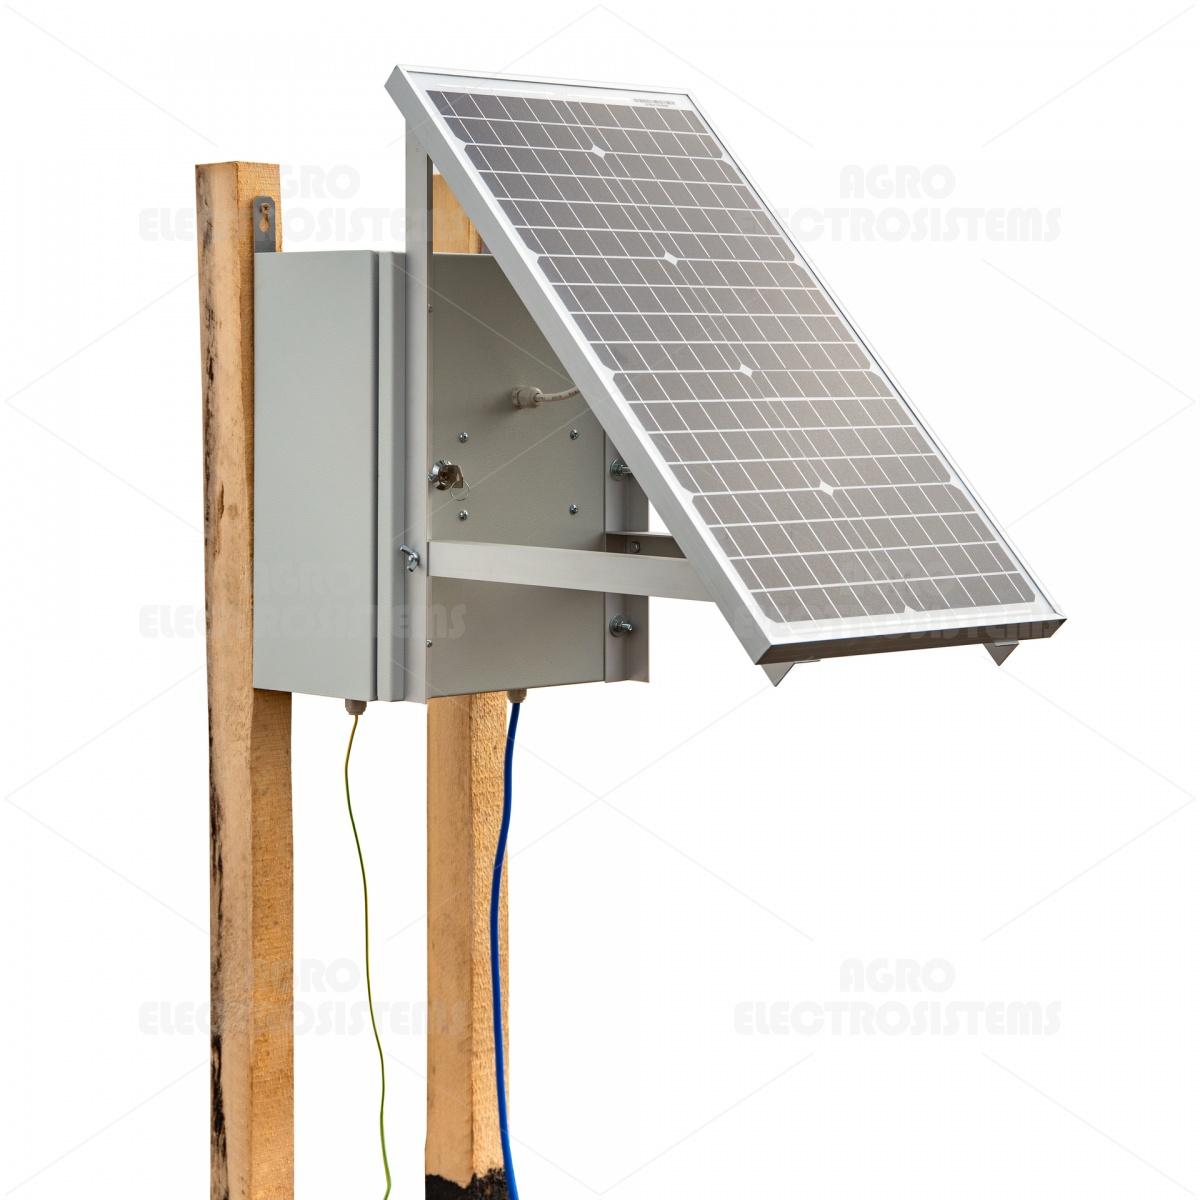 Kompakt DL4500 villanypásztor készülék napelemes rendszerrel és 12V-os akkumulátorral